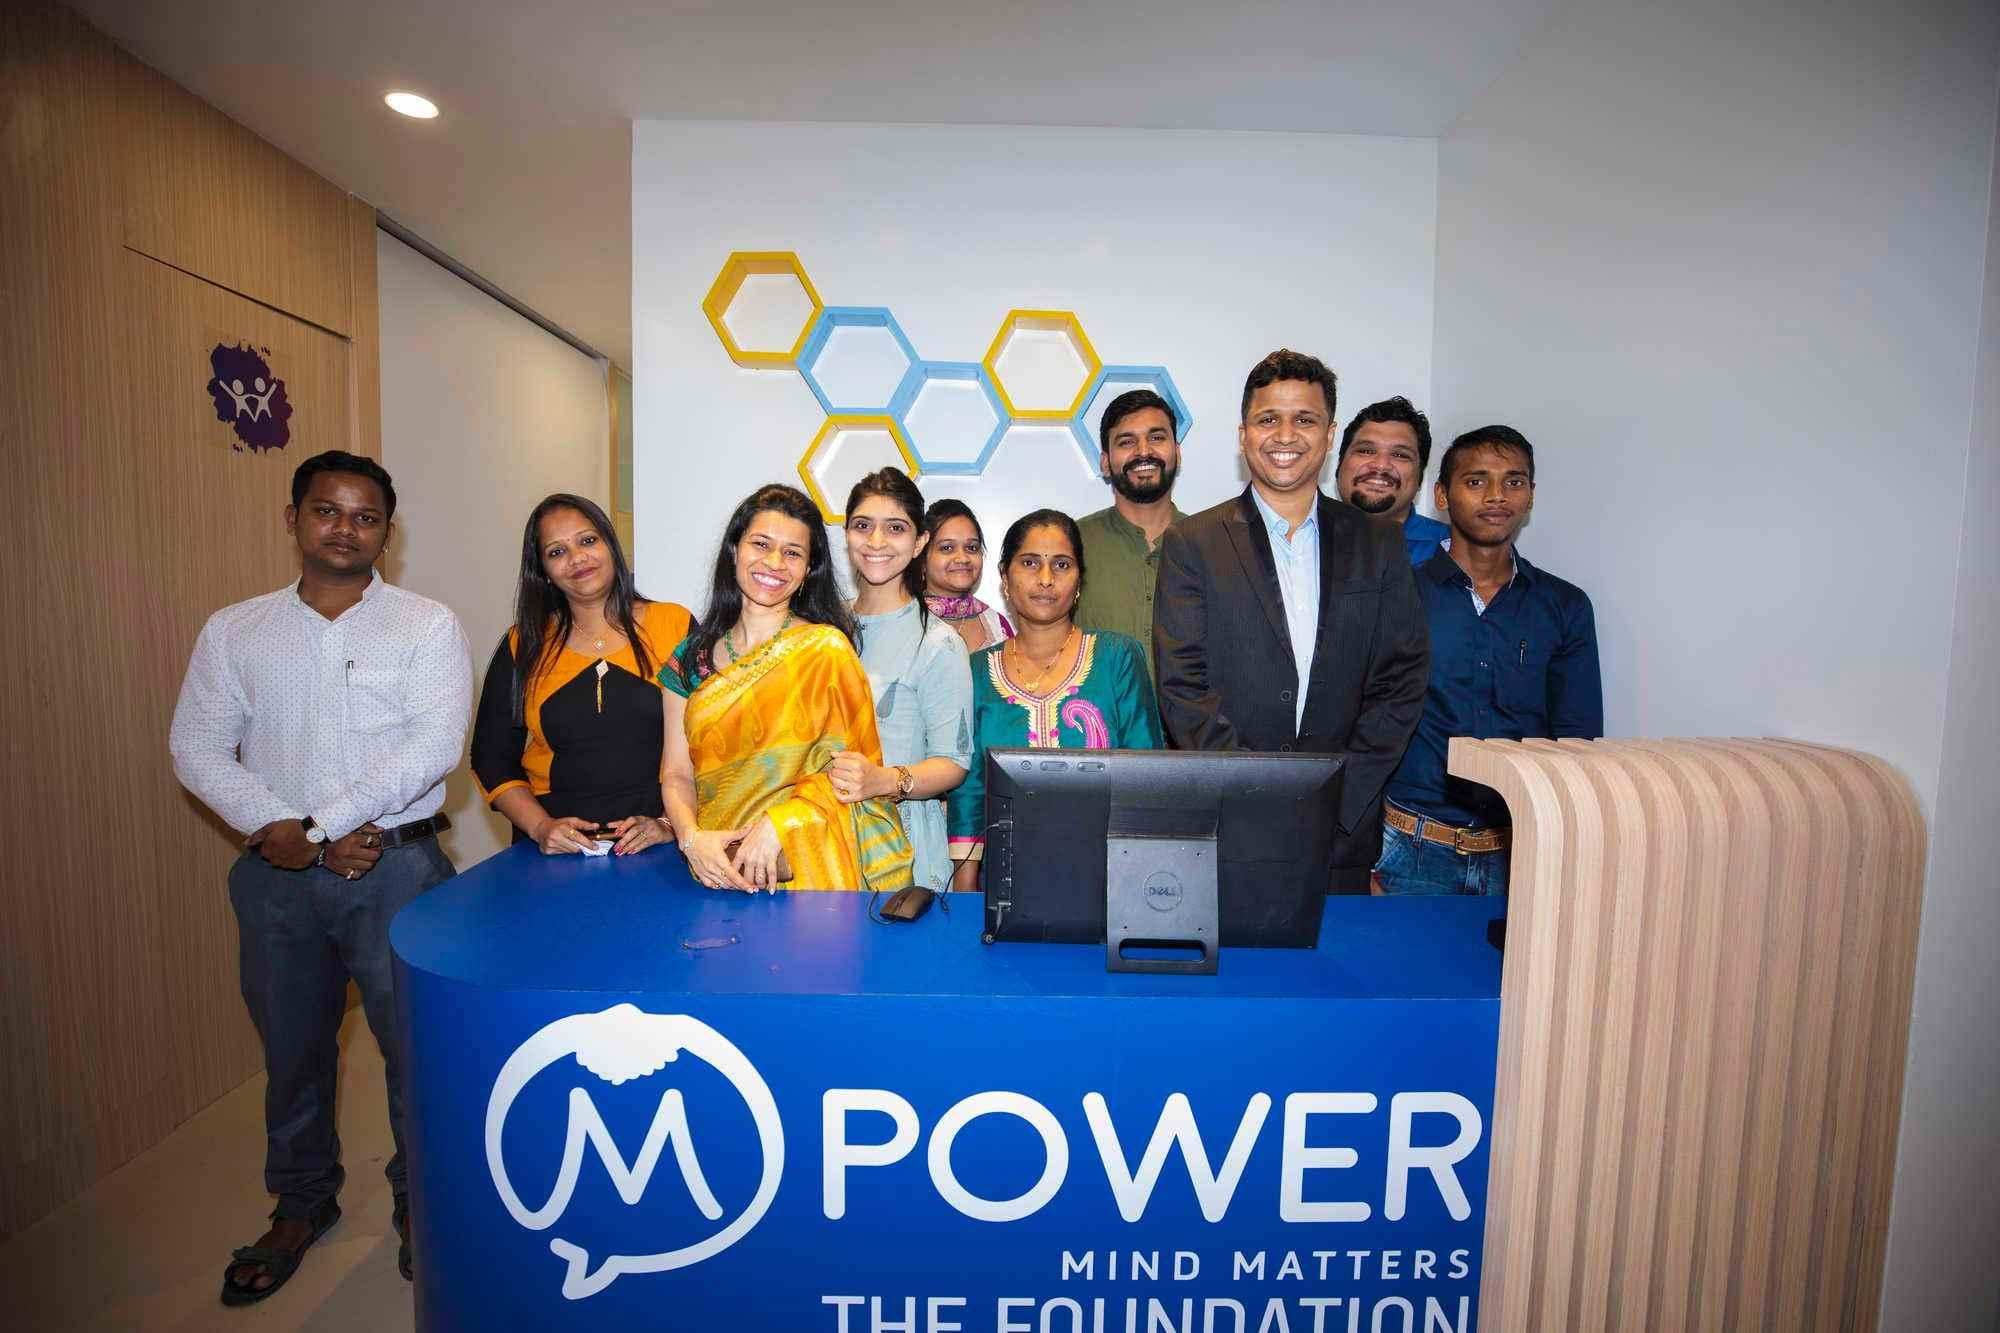 Mpower Mumbai